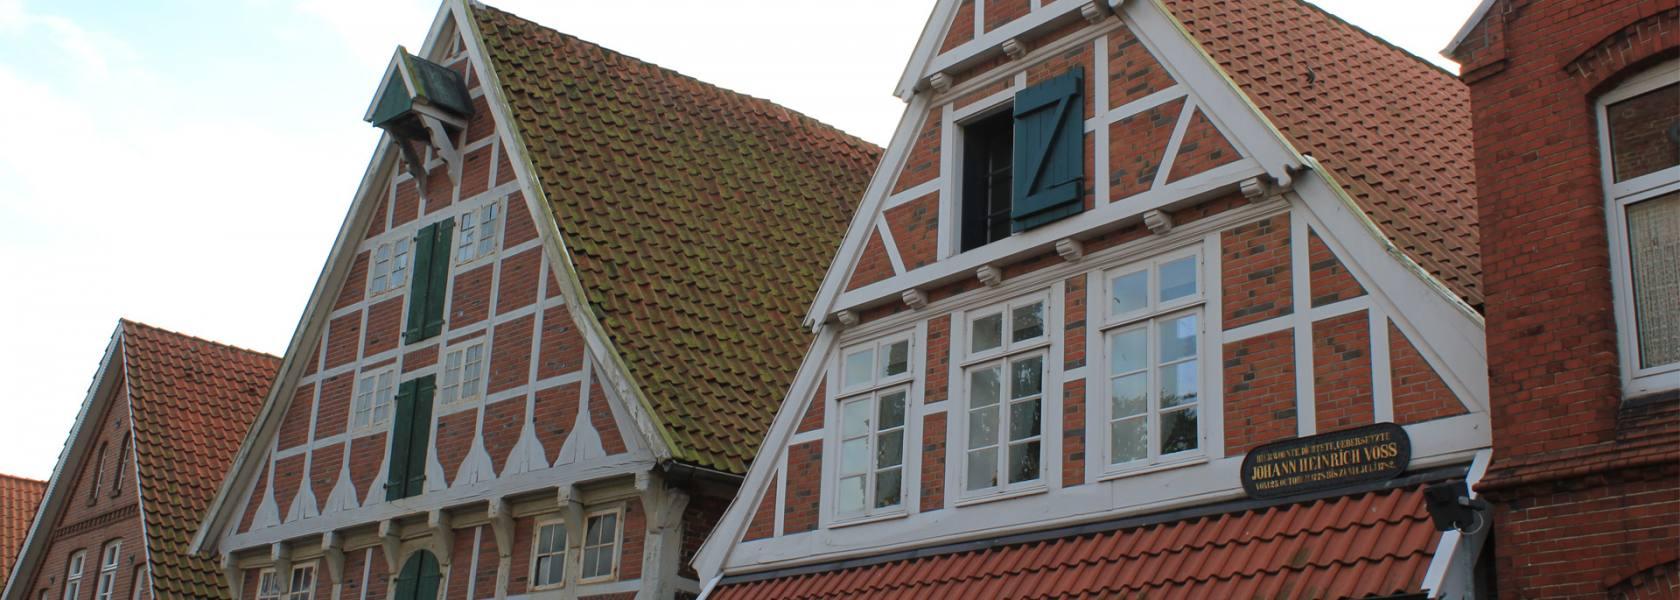 Altstadt von Otterndorf, © Die Nordsee GmbH, Katja Benke